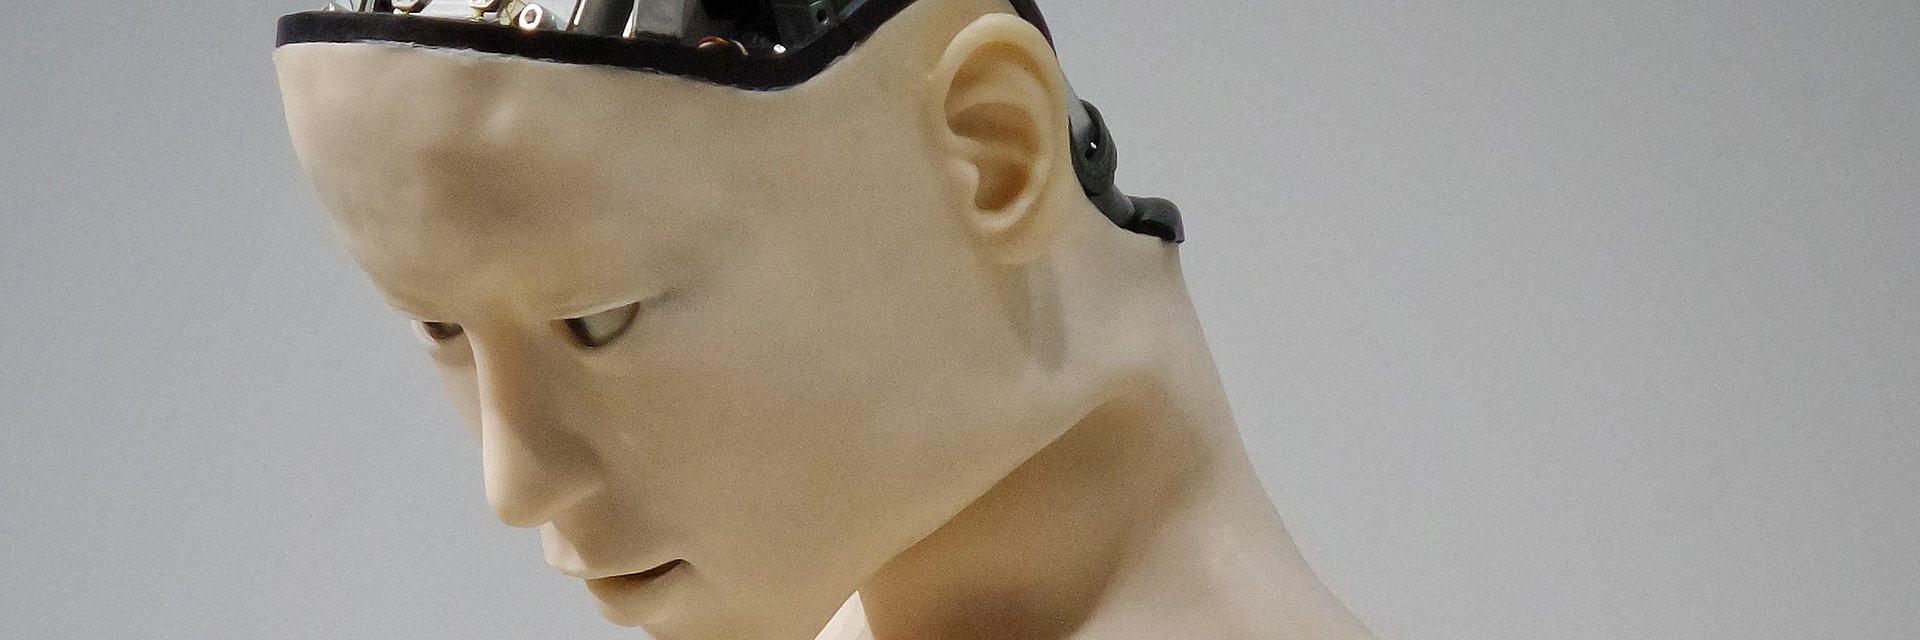 Czy sztuczna inteligencja może nas dyskryminować?